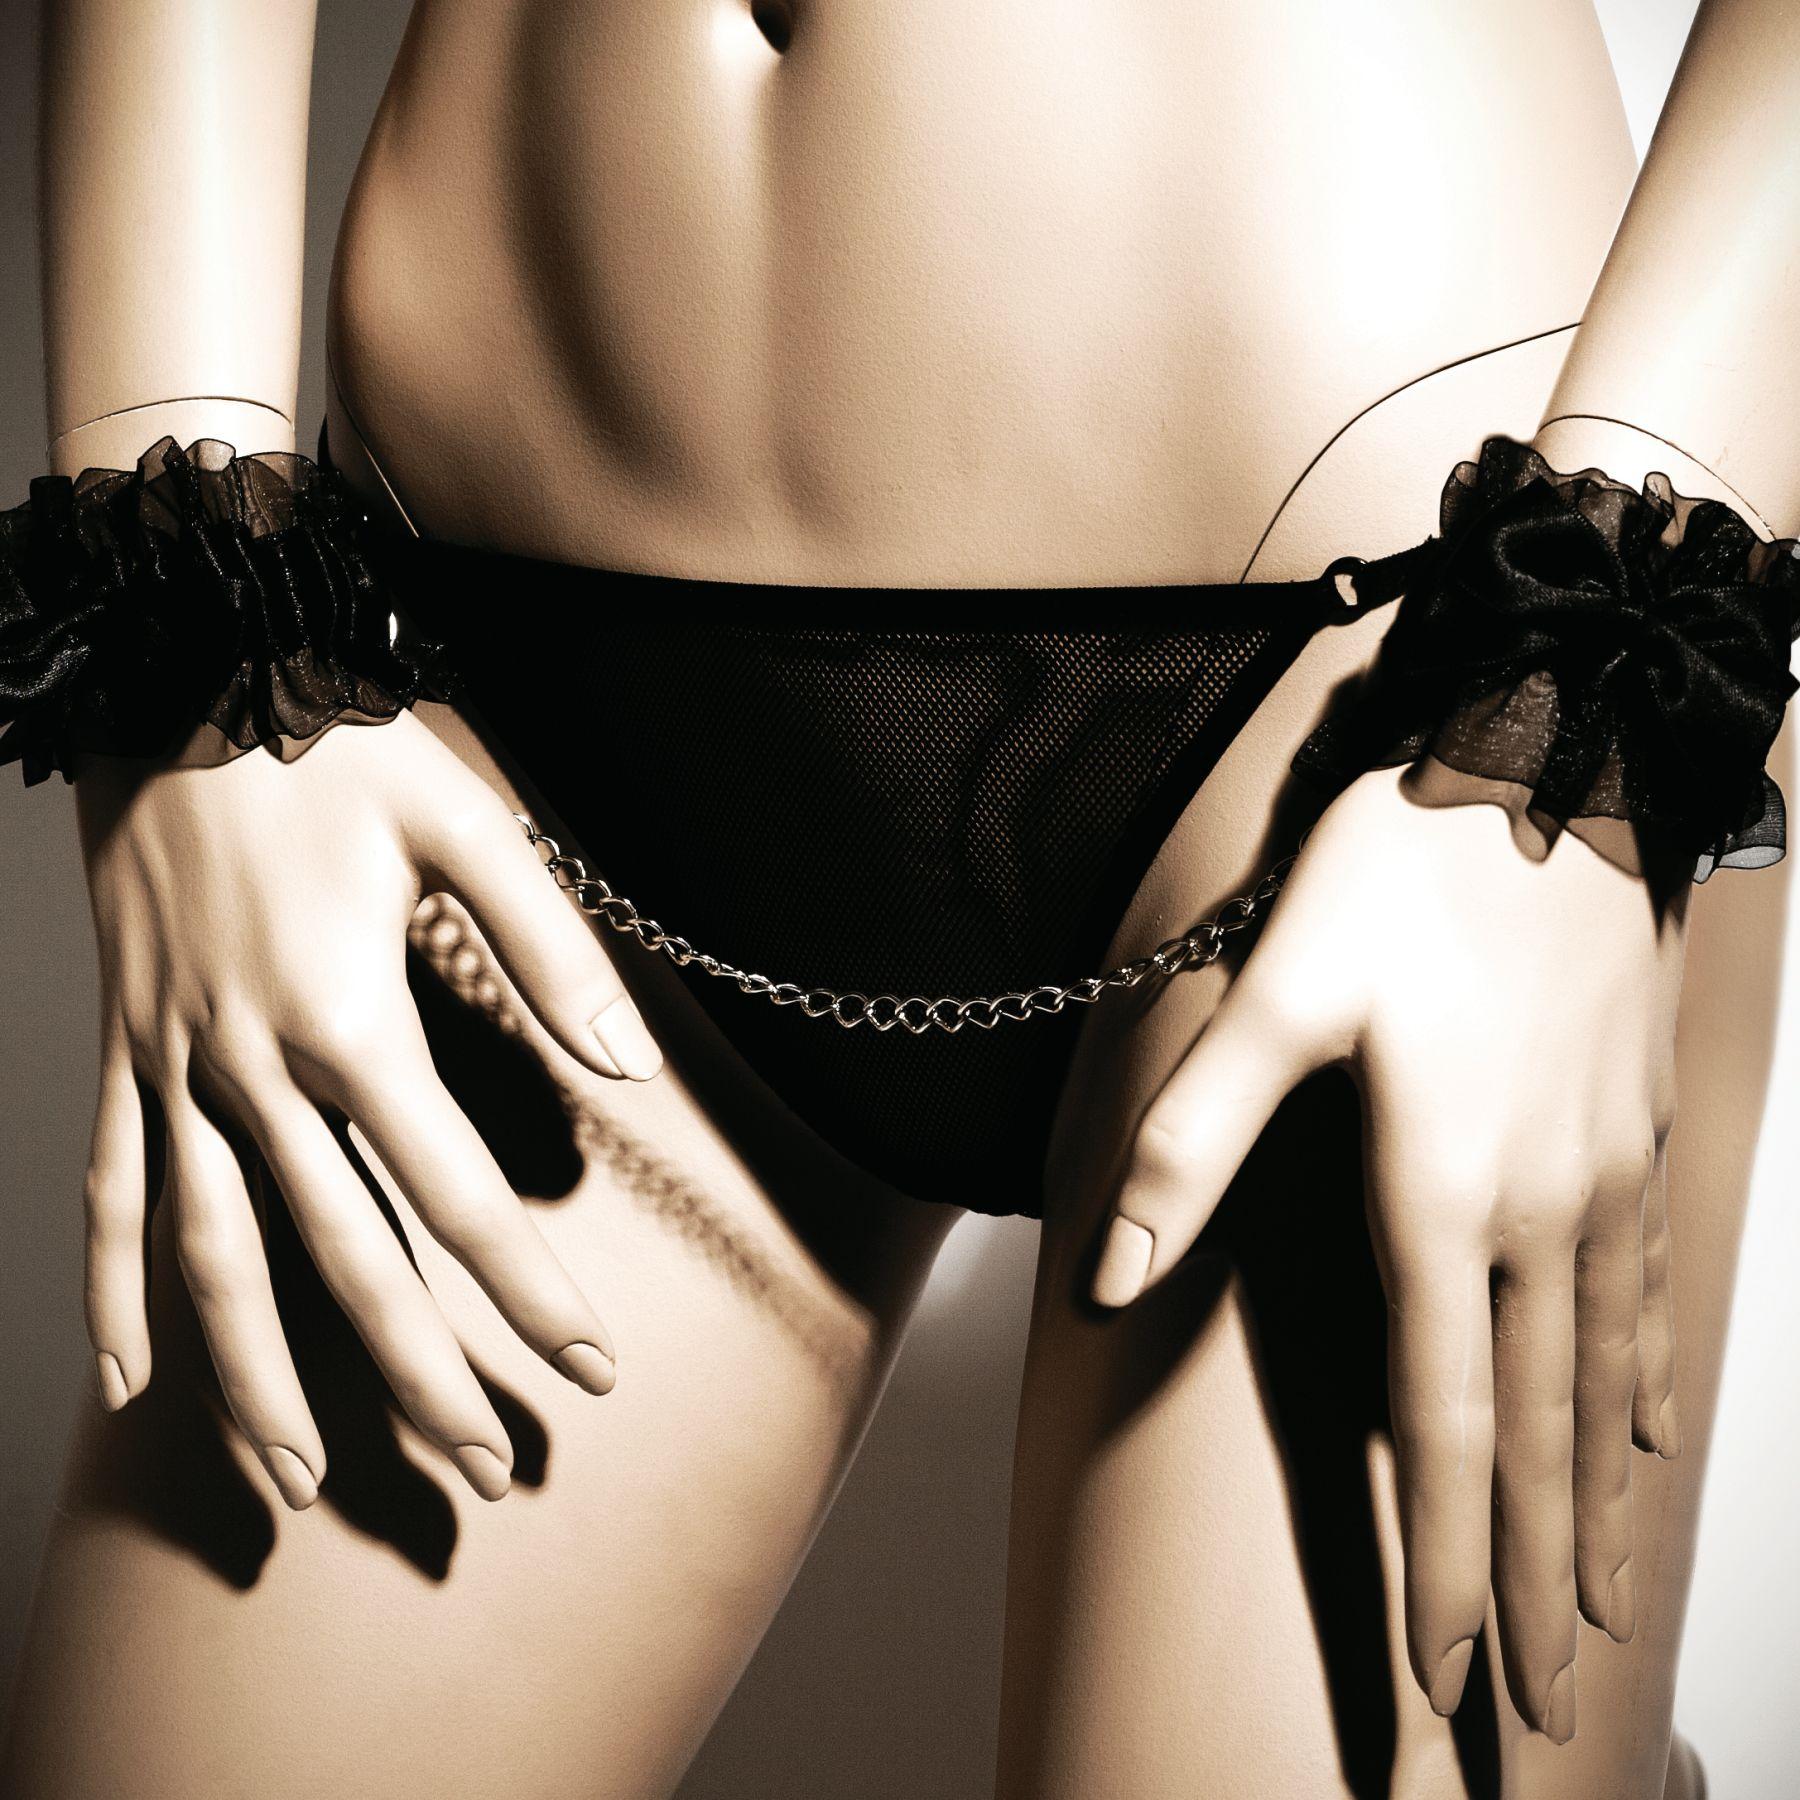 БДСМ наручники - Наручники Bijoux Indiscrets - Frou Frou Organza handcuffs 1